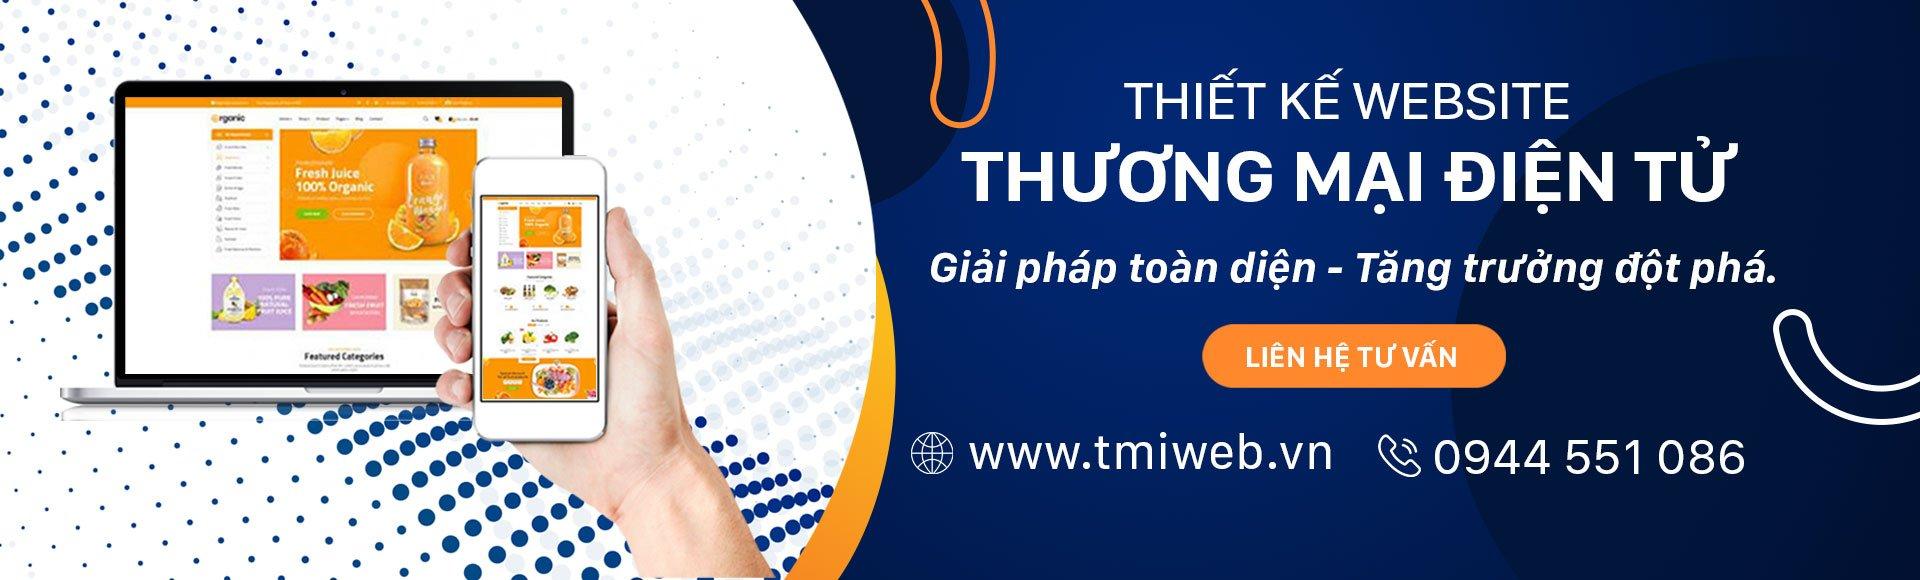 Thiết kế website thương mại điện tử tại Thiên Minh